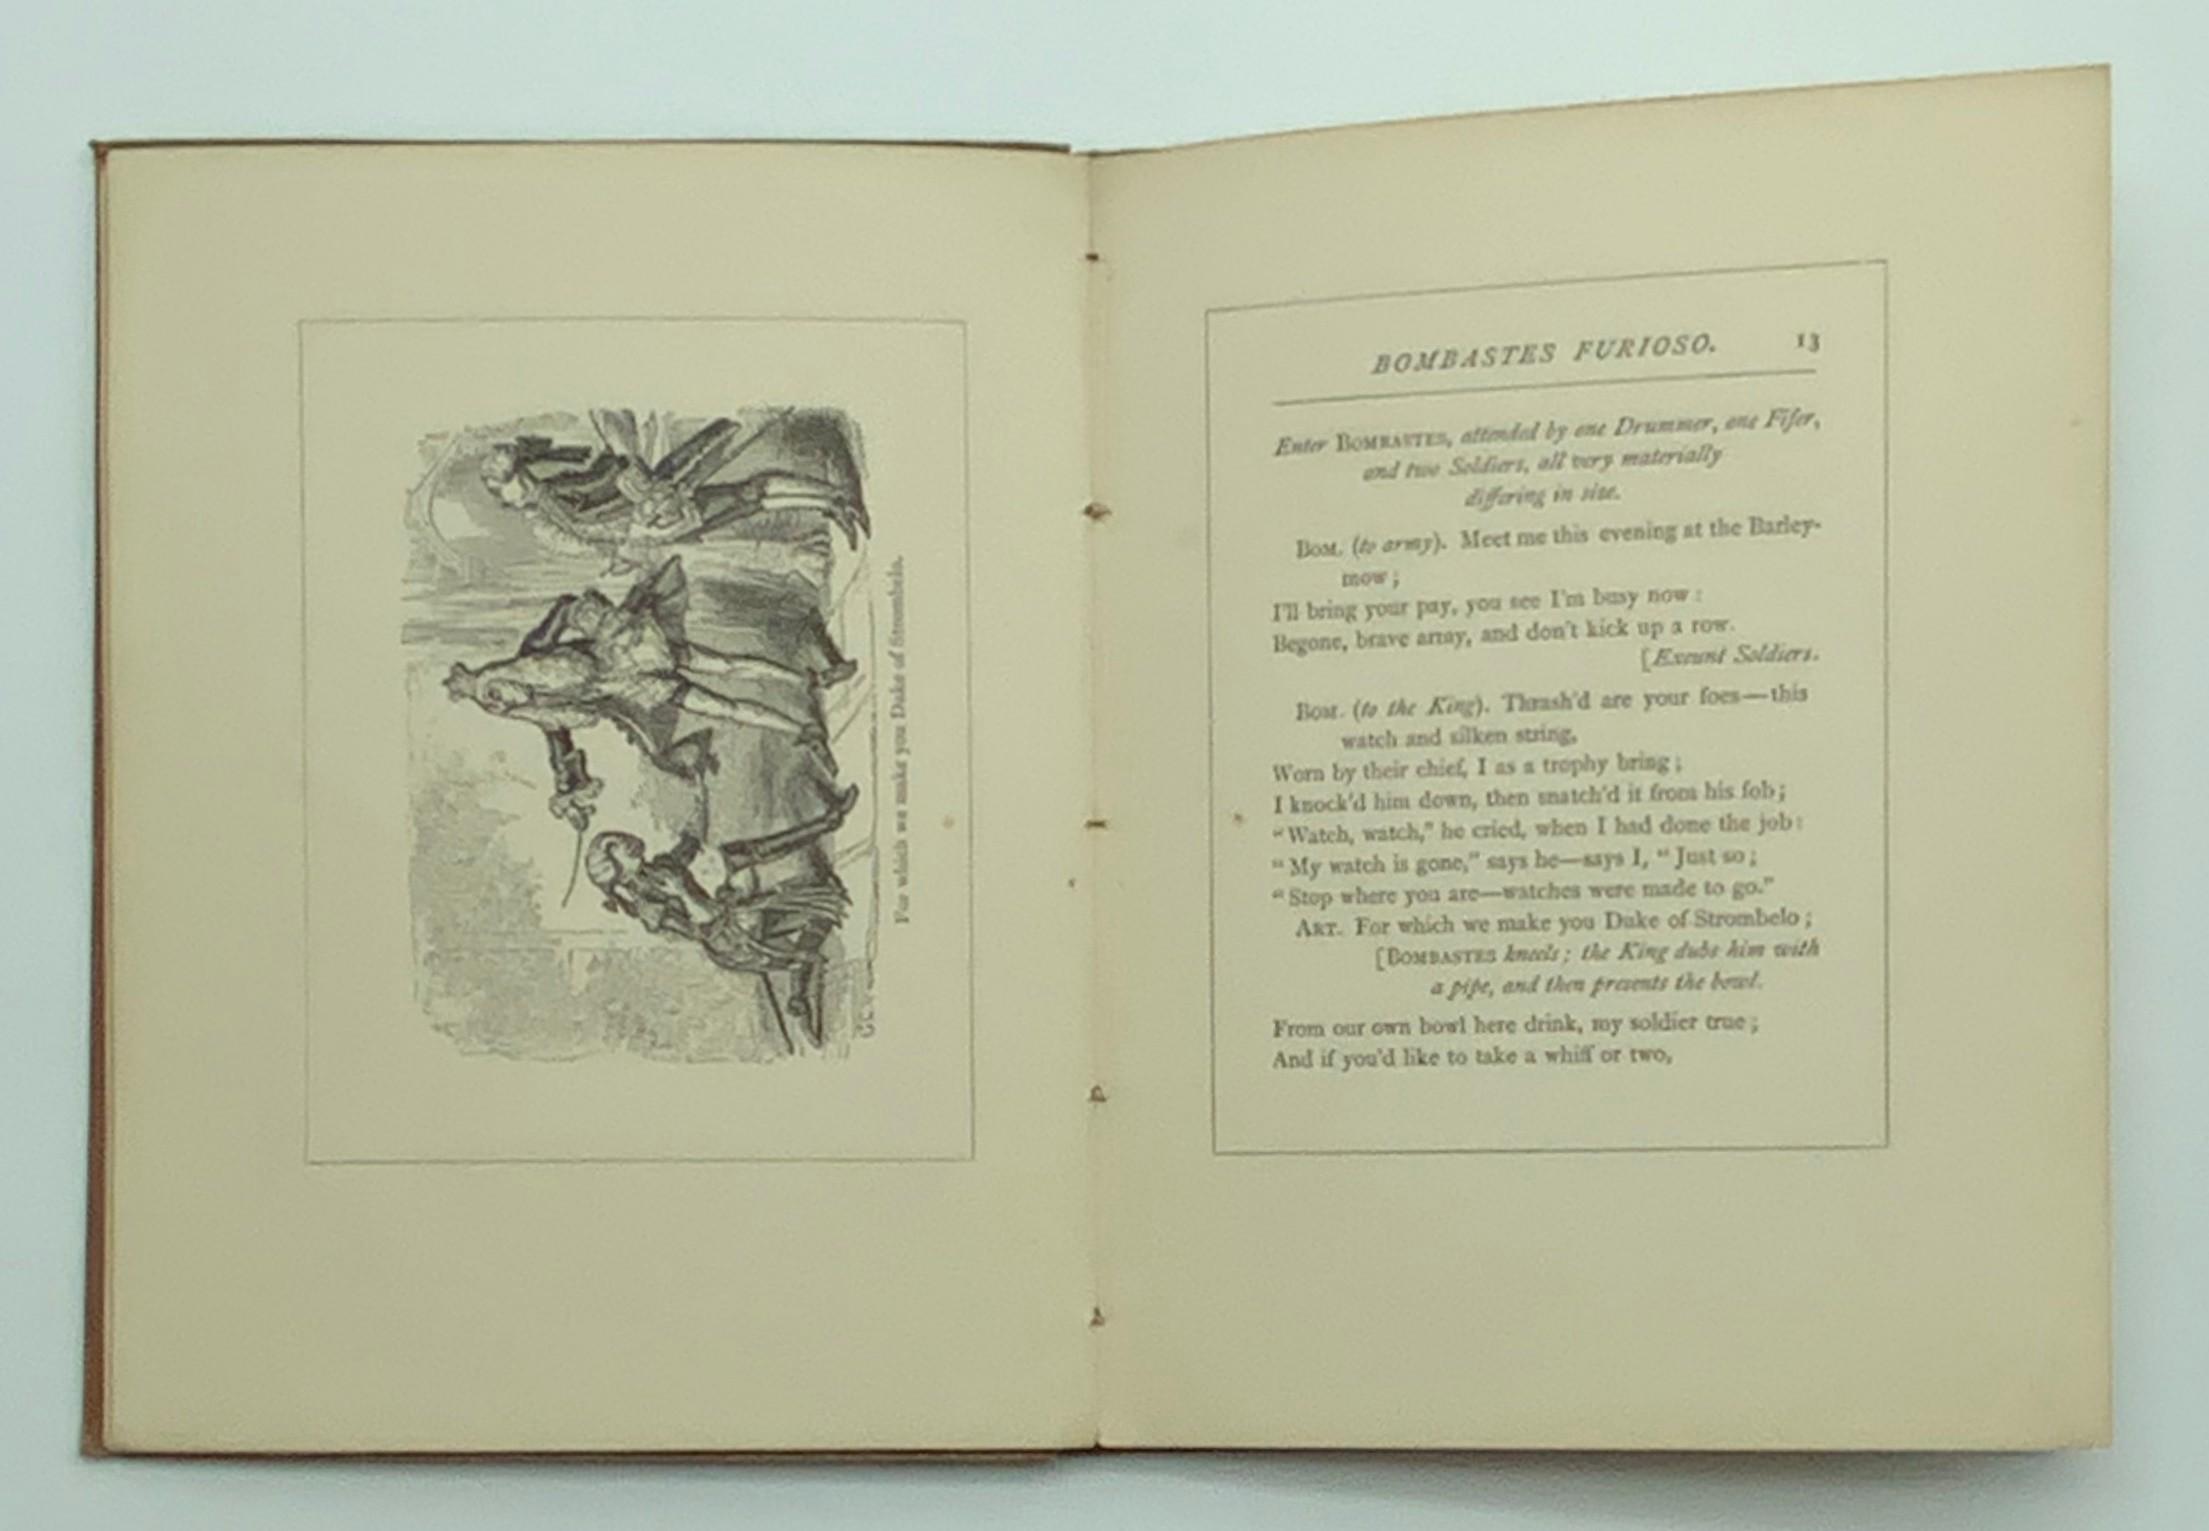 1873 BOMBASTES FURIOSO ILLUSTRATED BY GEORGE CRUIKSHANK - Image 5 of 5